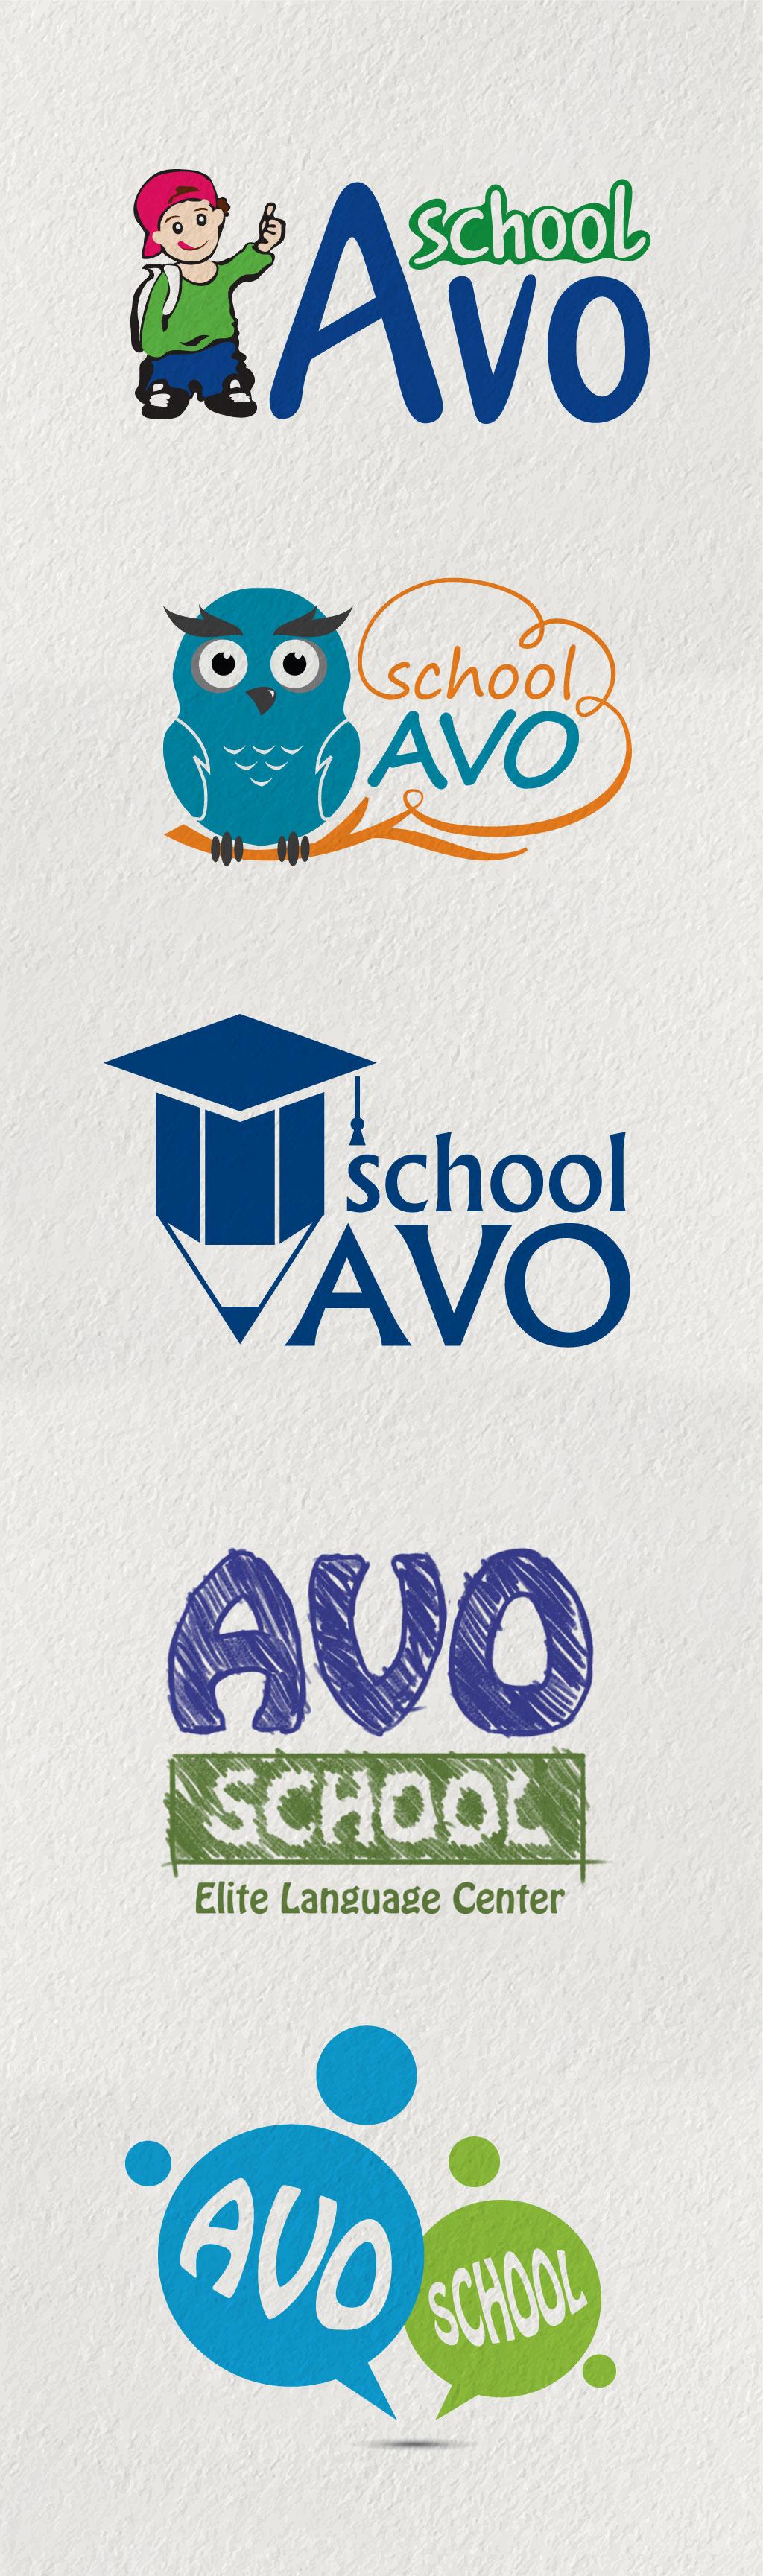 AvoSchool-logo-design